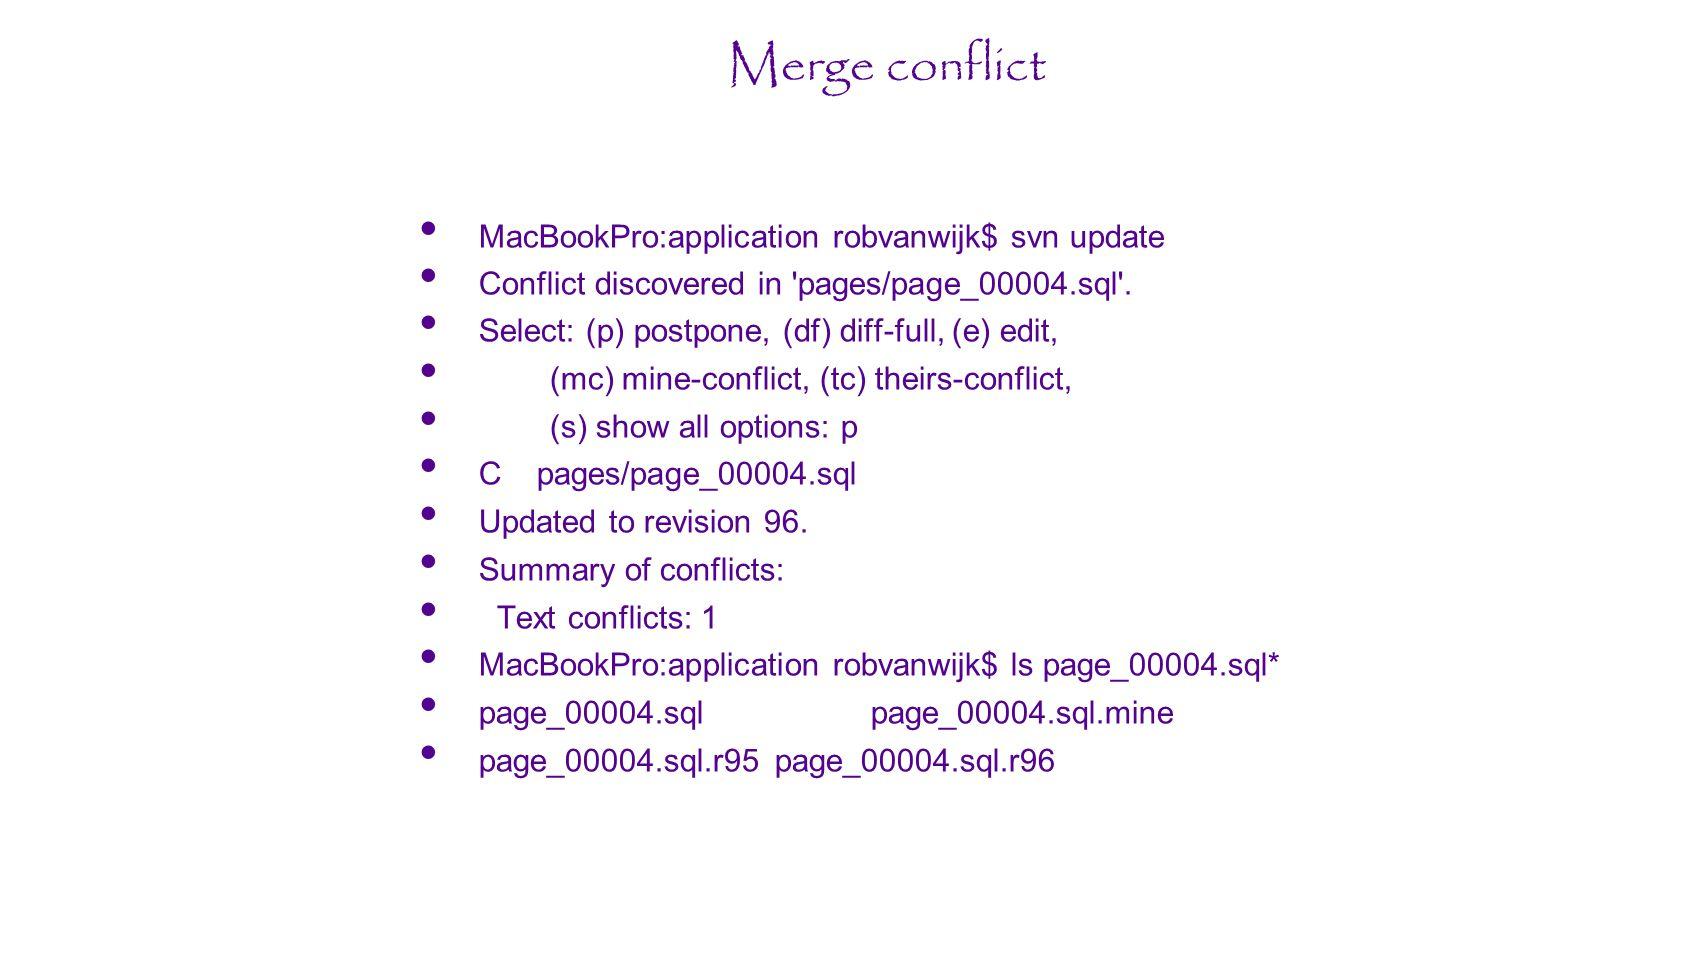 Merge conflict MacBookPro:application robvanwijk$ svn update